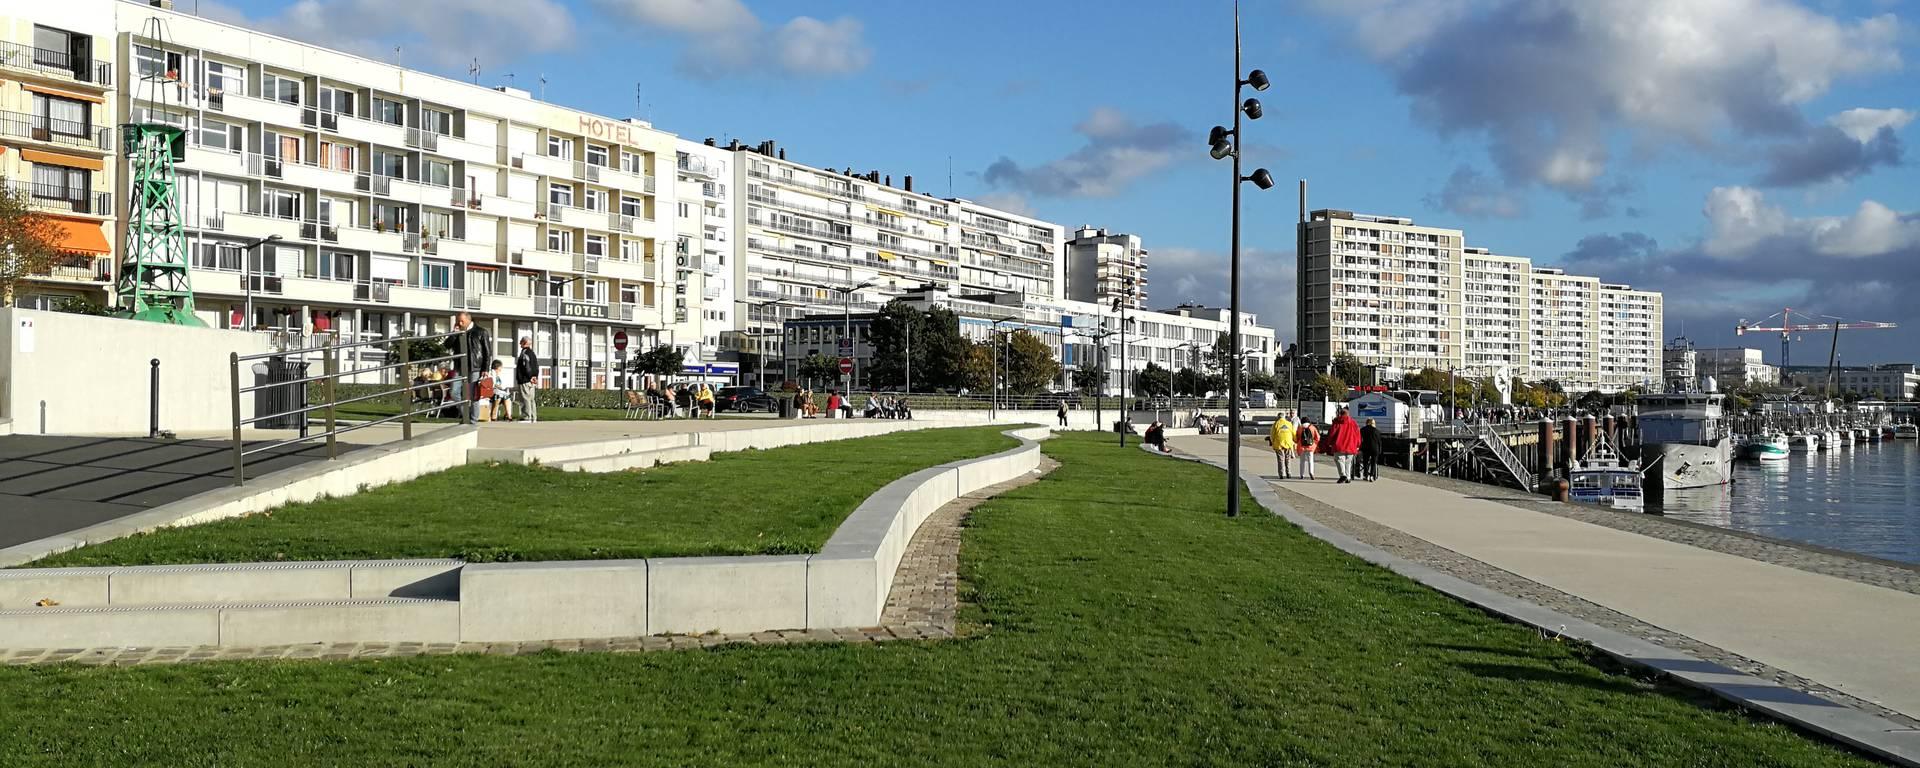 Promenade avec vue sur les buildings